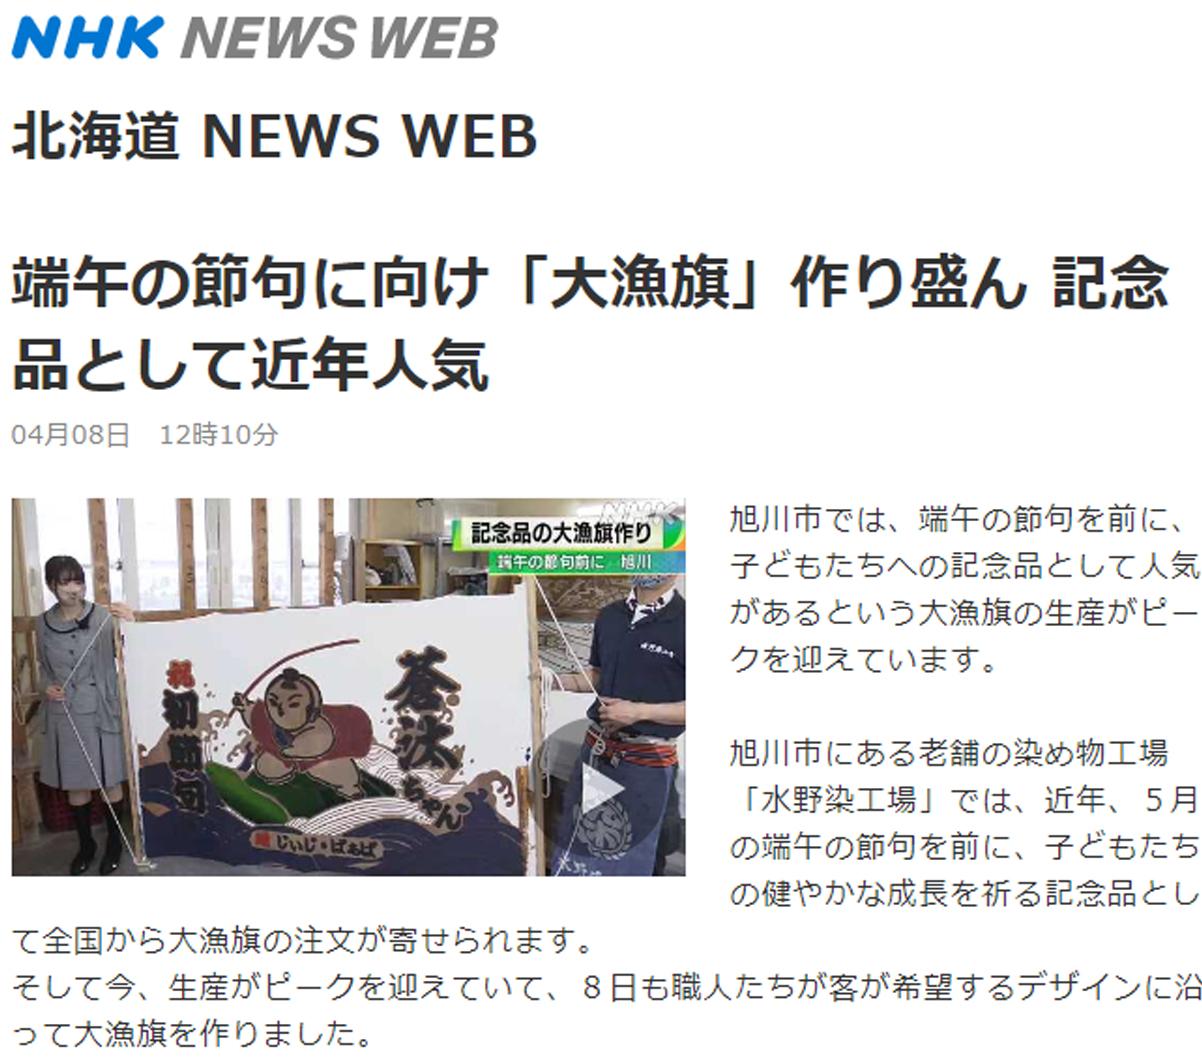 NHK様に心を込めて節句旗を染め上げる職人の取材をしていただきました!